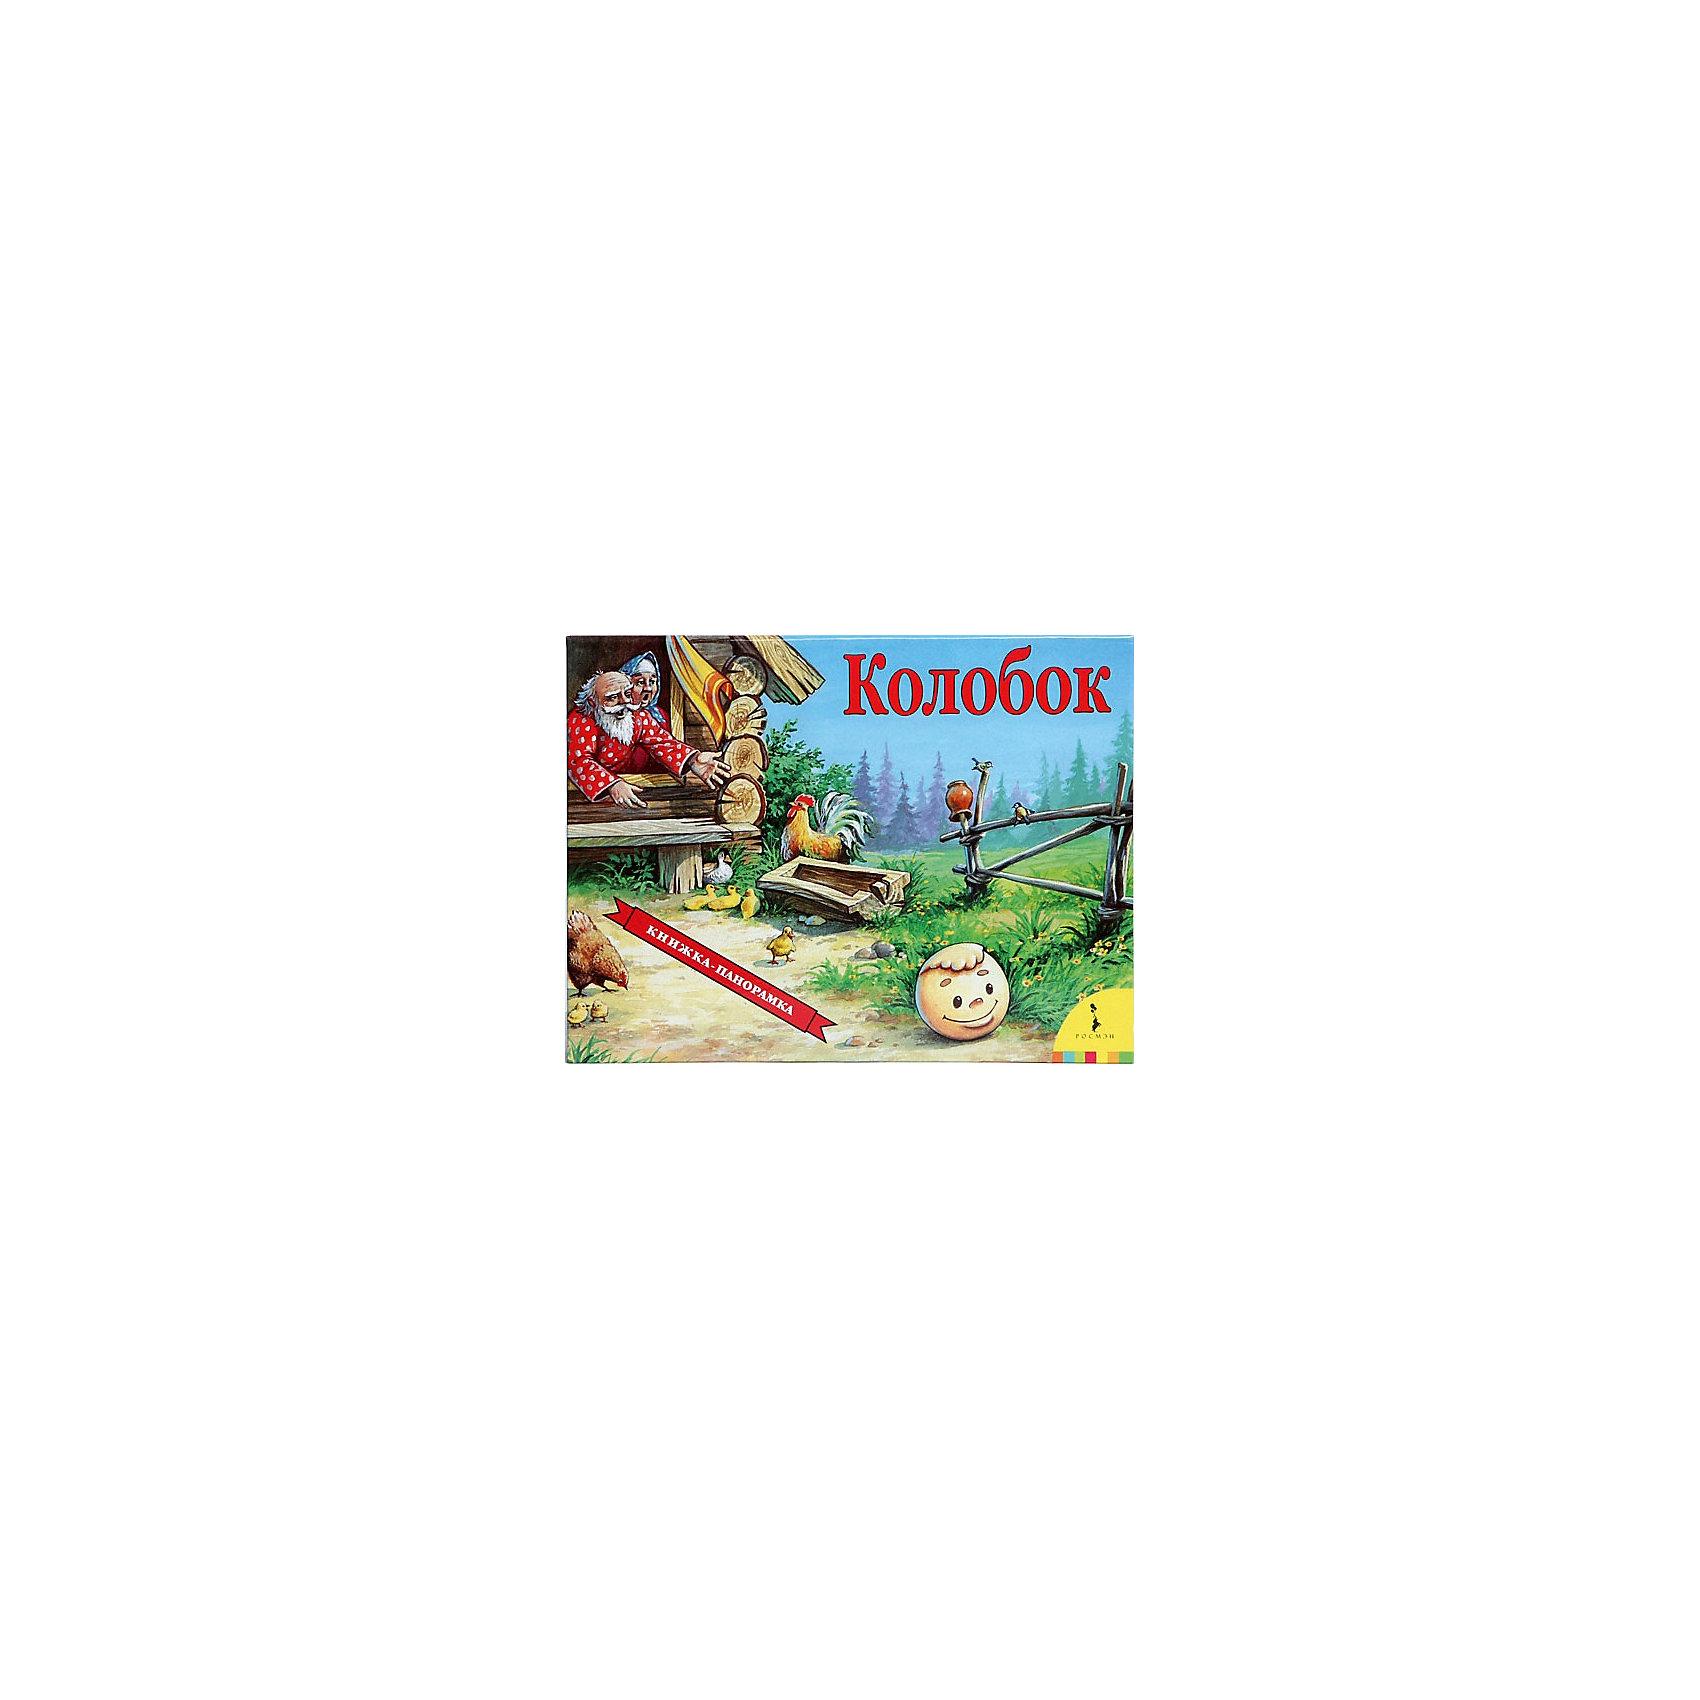 Панорамная книжка КолобокКнижки-панорамки<br>Панорамная книжка Колобок<br><br>Характеристики:<br><br>- издательство: Росмэн<br>- количество страниц: 12<br>- формат: 26 * 1,5 * 20 см.<br>- Тип обложки: 7Бц – твердая целлофинированная<br>- Иллюстрации: цветные<br>- вес: 310 гр.<br><br>Настоящее подарочное издание – панорамная книга Колобок станет отличным сюрпризом для маленьких детей. Классическая сказка о Колобке и яркие иллюстрации раскладывающейся книги помогут создать атмосферу праздников в доме. Книжка поможет рассказать малышу о увлекательную историю убежавшего от бабушки и дедушки круглого Колобка. Каждая страничка этой сказки делает героев и их окружение живыми благодаря раскладывающимся деталям. Эта необычная книга соберет семью вместе и сделает чтение веселее и интереснее. <br><br>Панорамную книгу Колобок можно купить в нашем интернет-магазине.<br><br>Ширина мм: 260<br>Глубина мм: 195<br>Высота мм: 10<br>Вес г: 370<br>Возраст от месяцев: 0<br>Возраст до месяцев: 36<br>Пол: Унисекс<br>Возраст: Детский<br>SKU: 5109737